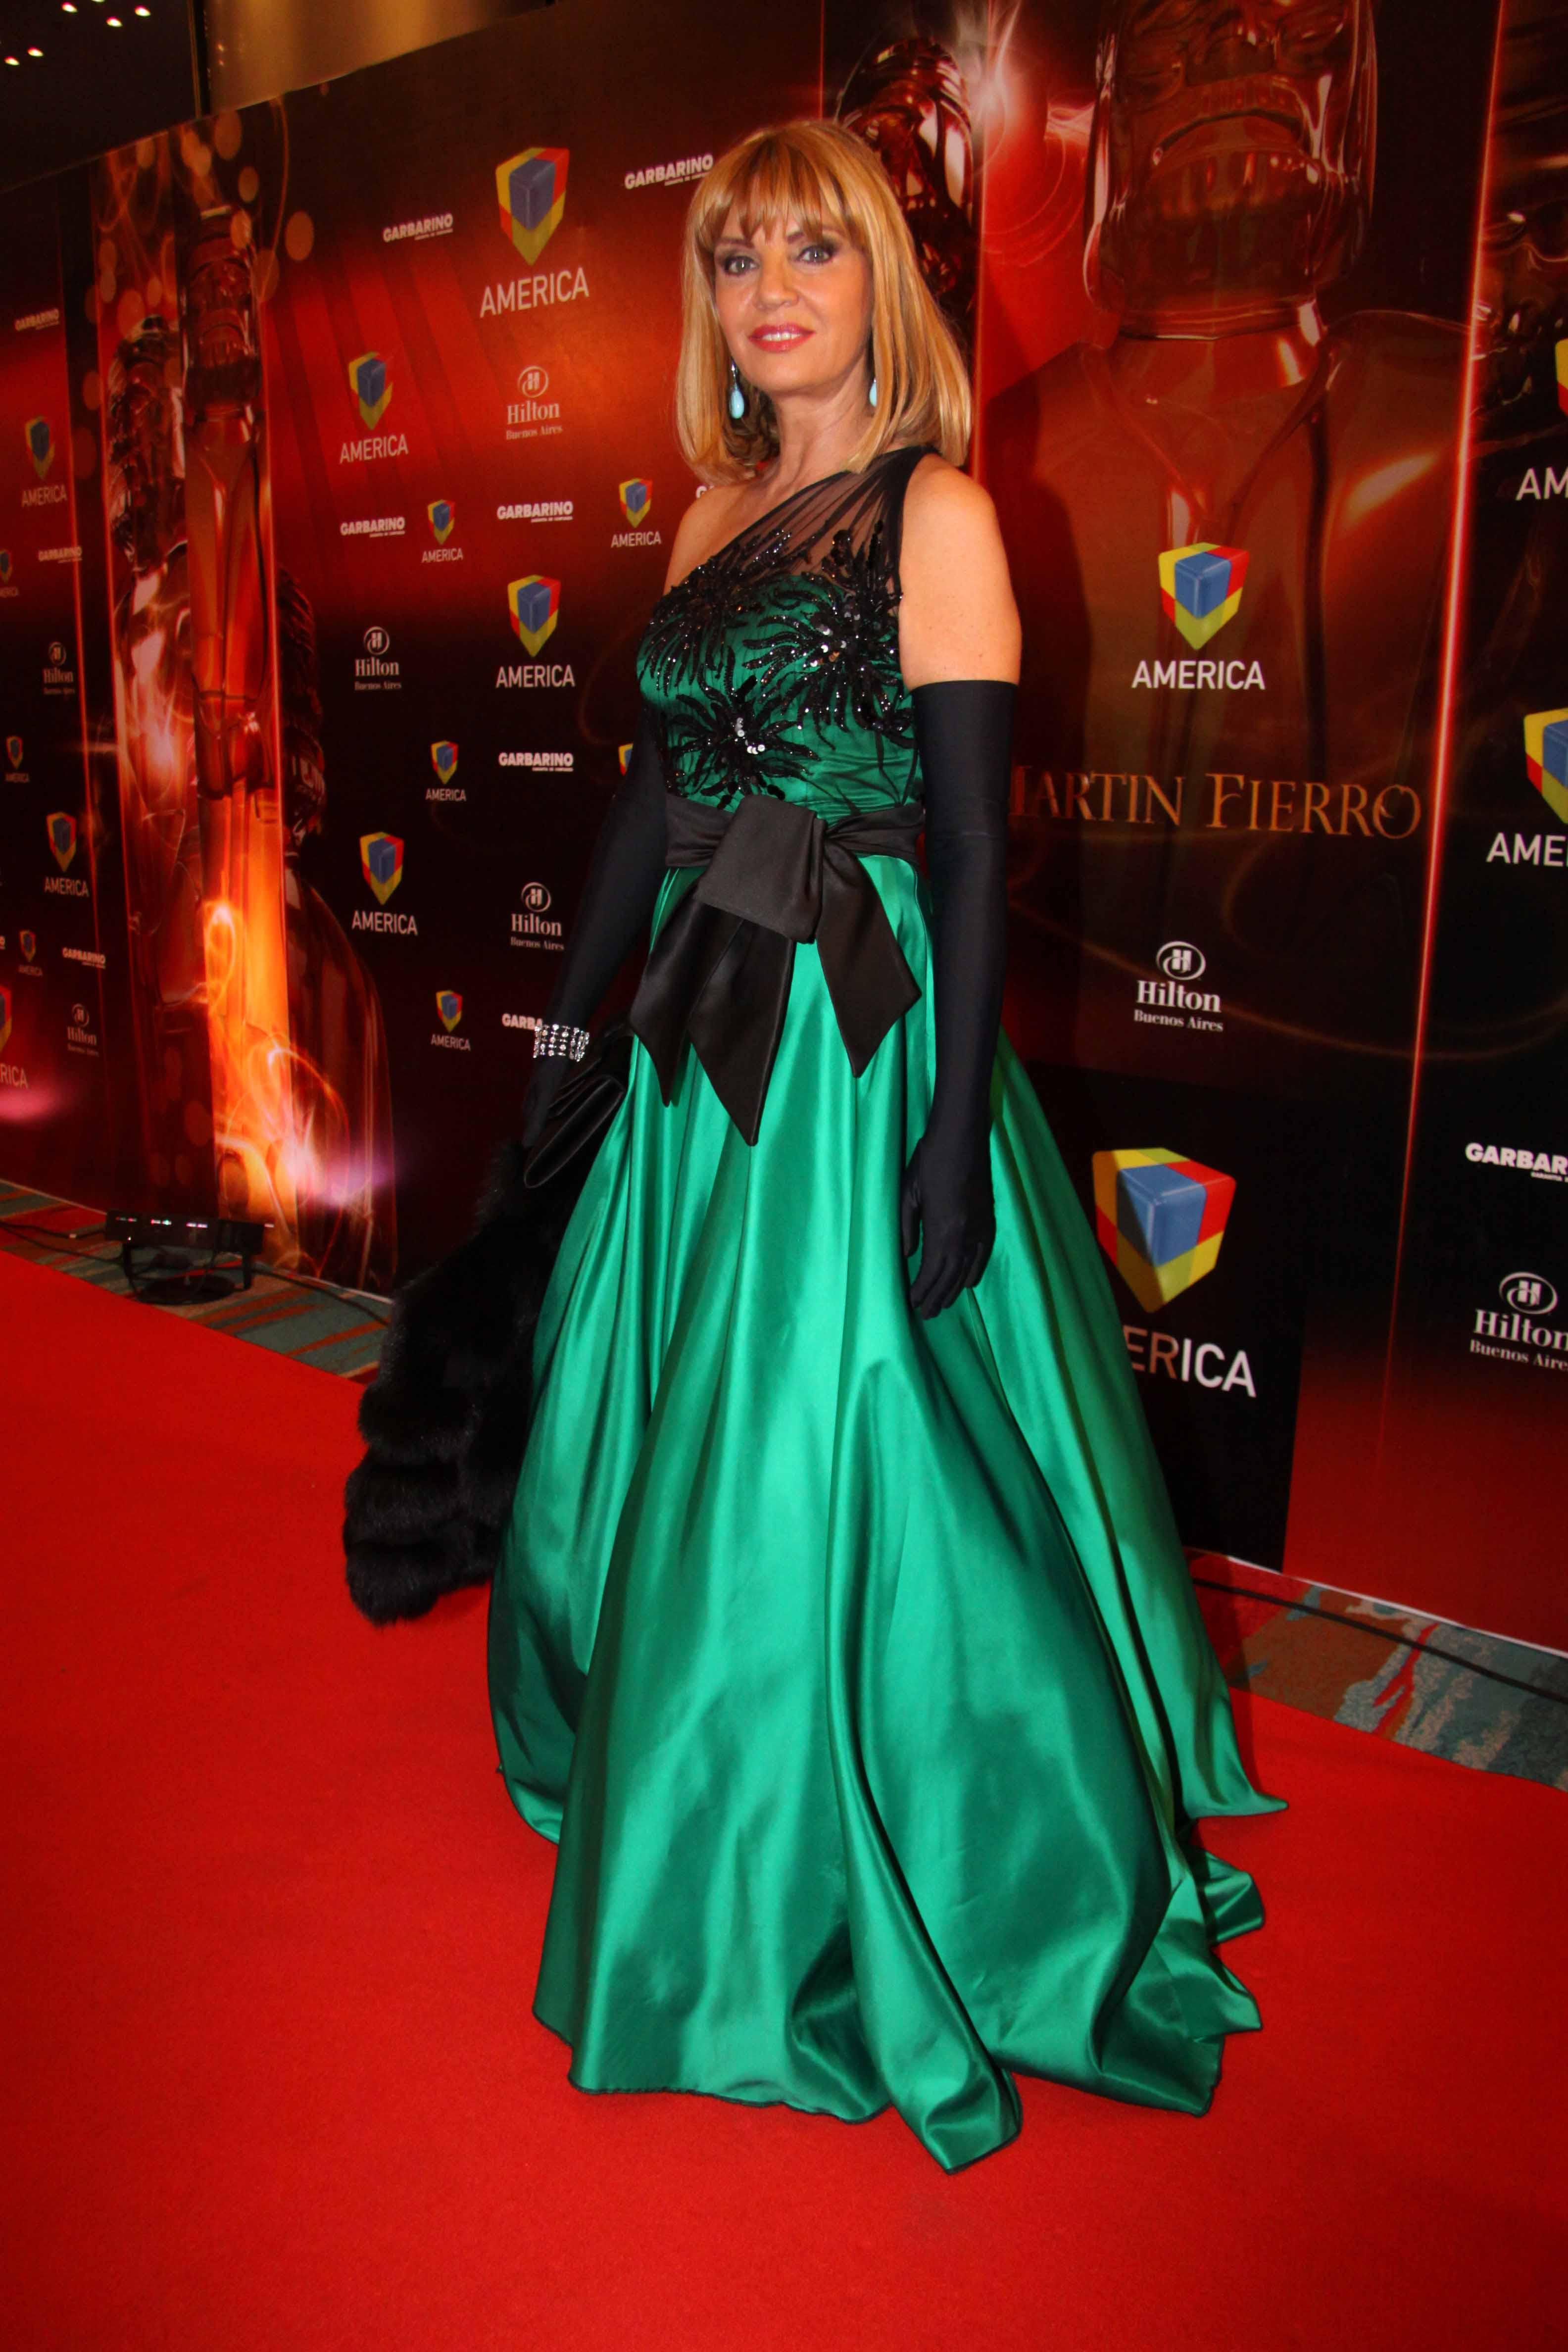 Con un diseño de Carlos Di Domenico en verde esmeralda y bordados en negro con un maxi lazo y guantes XL , Teté Coustarot desfiló por la red carpet 2010. Acompañó el look con aros gota en celeste